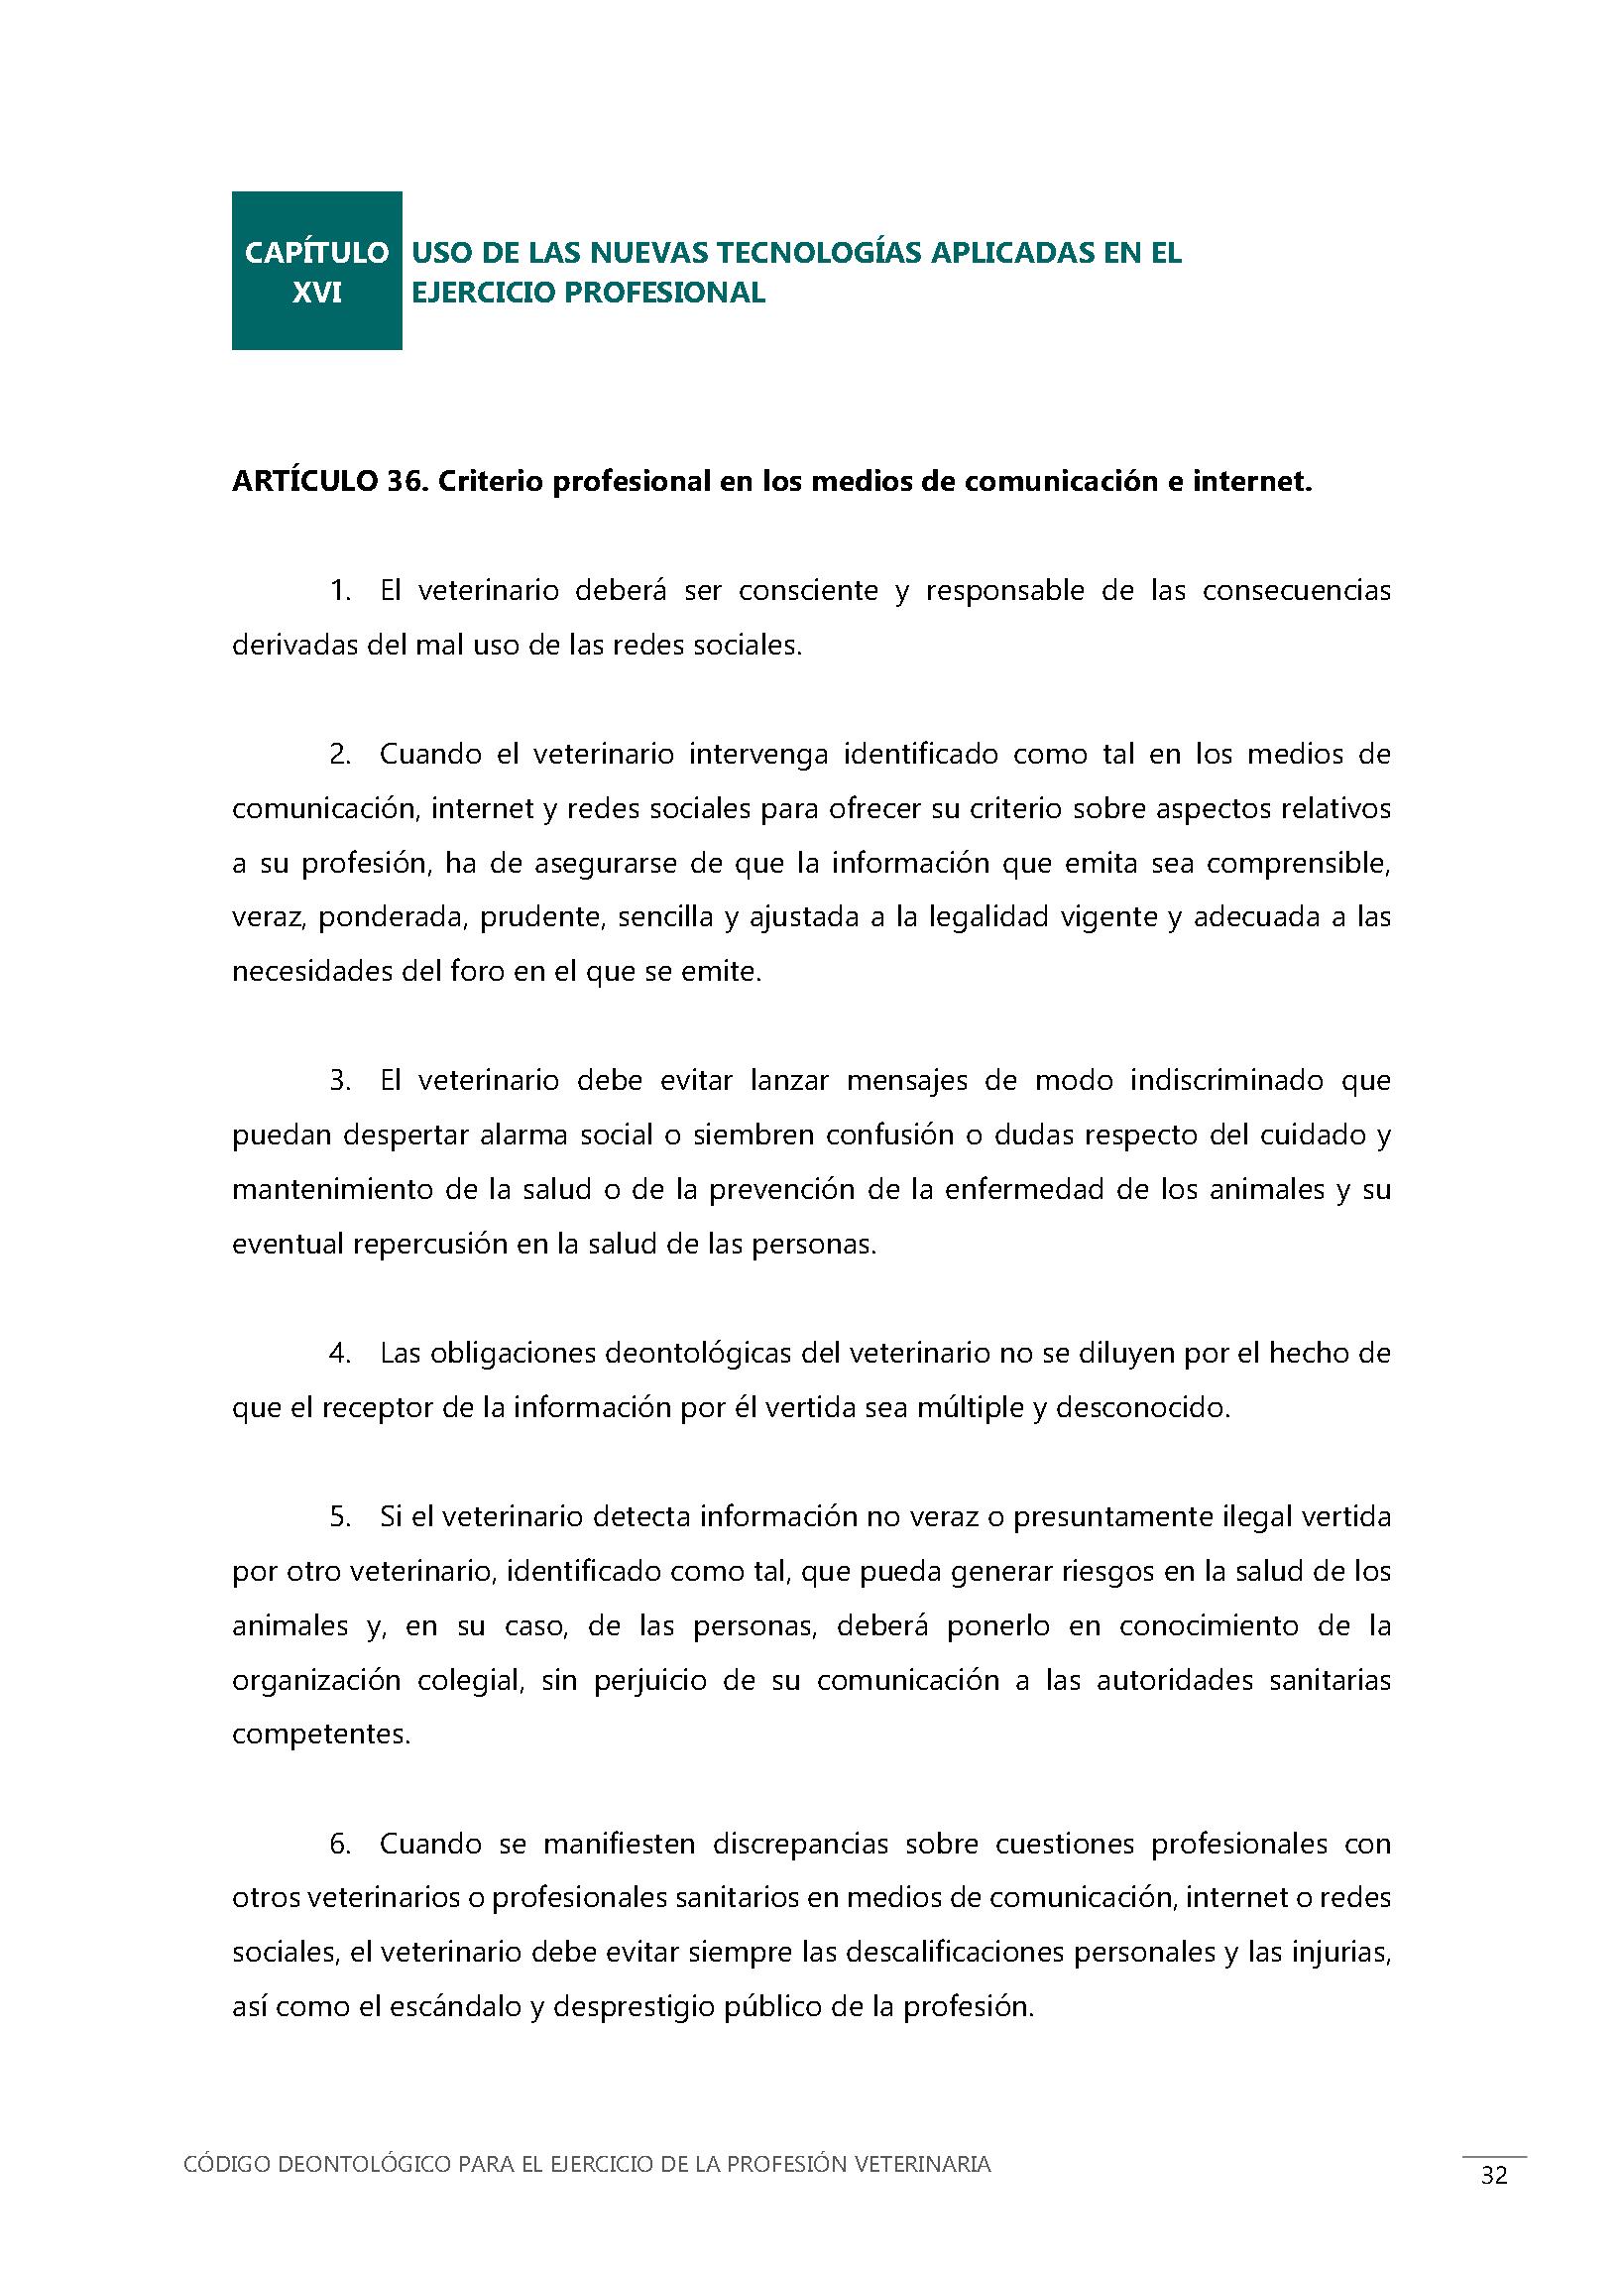 codigo deontológico dic 2018_Página_34